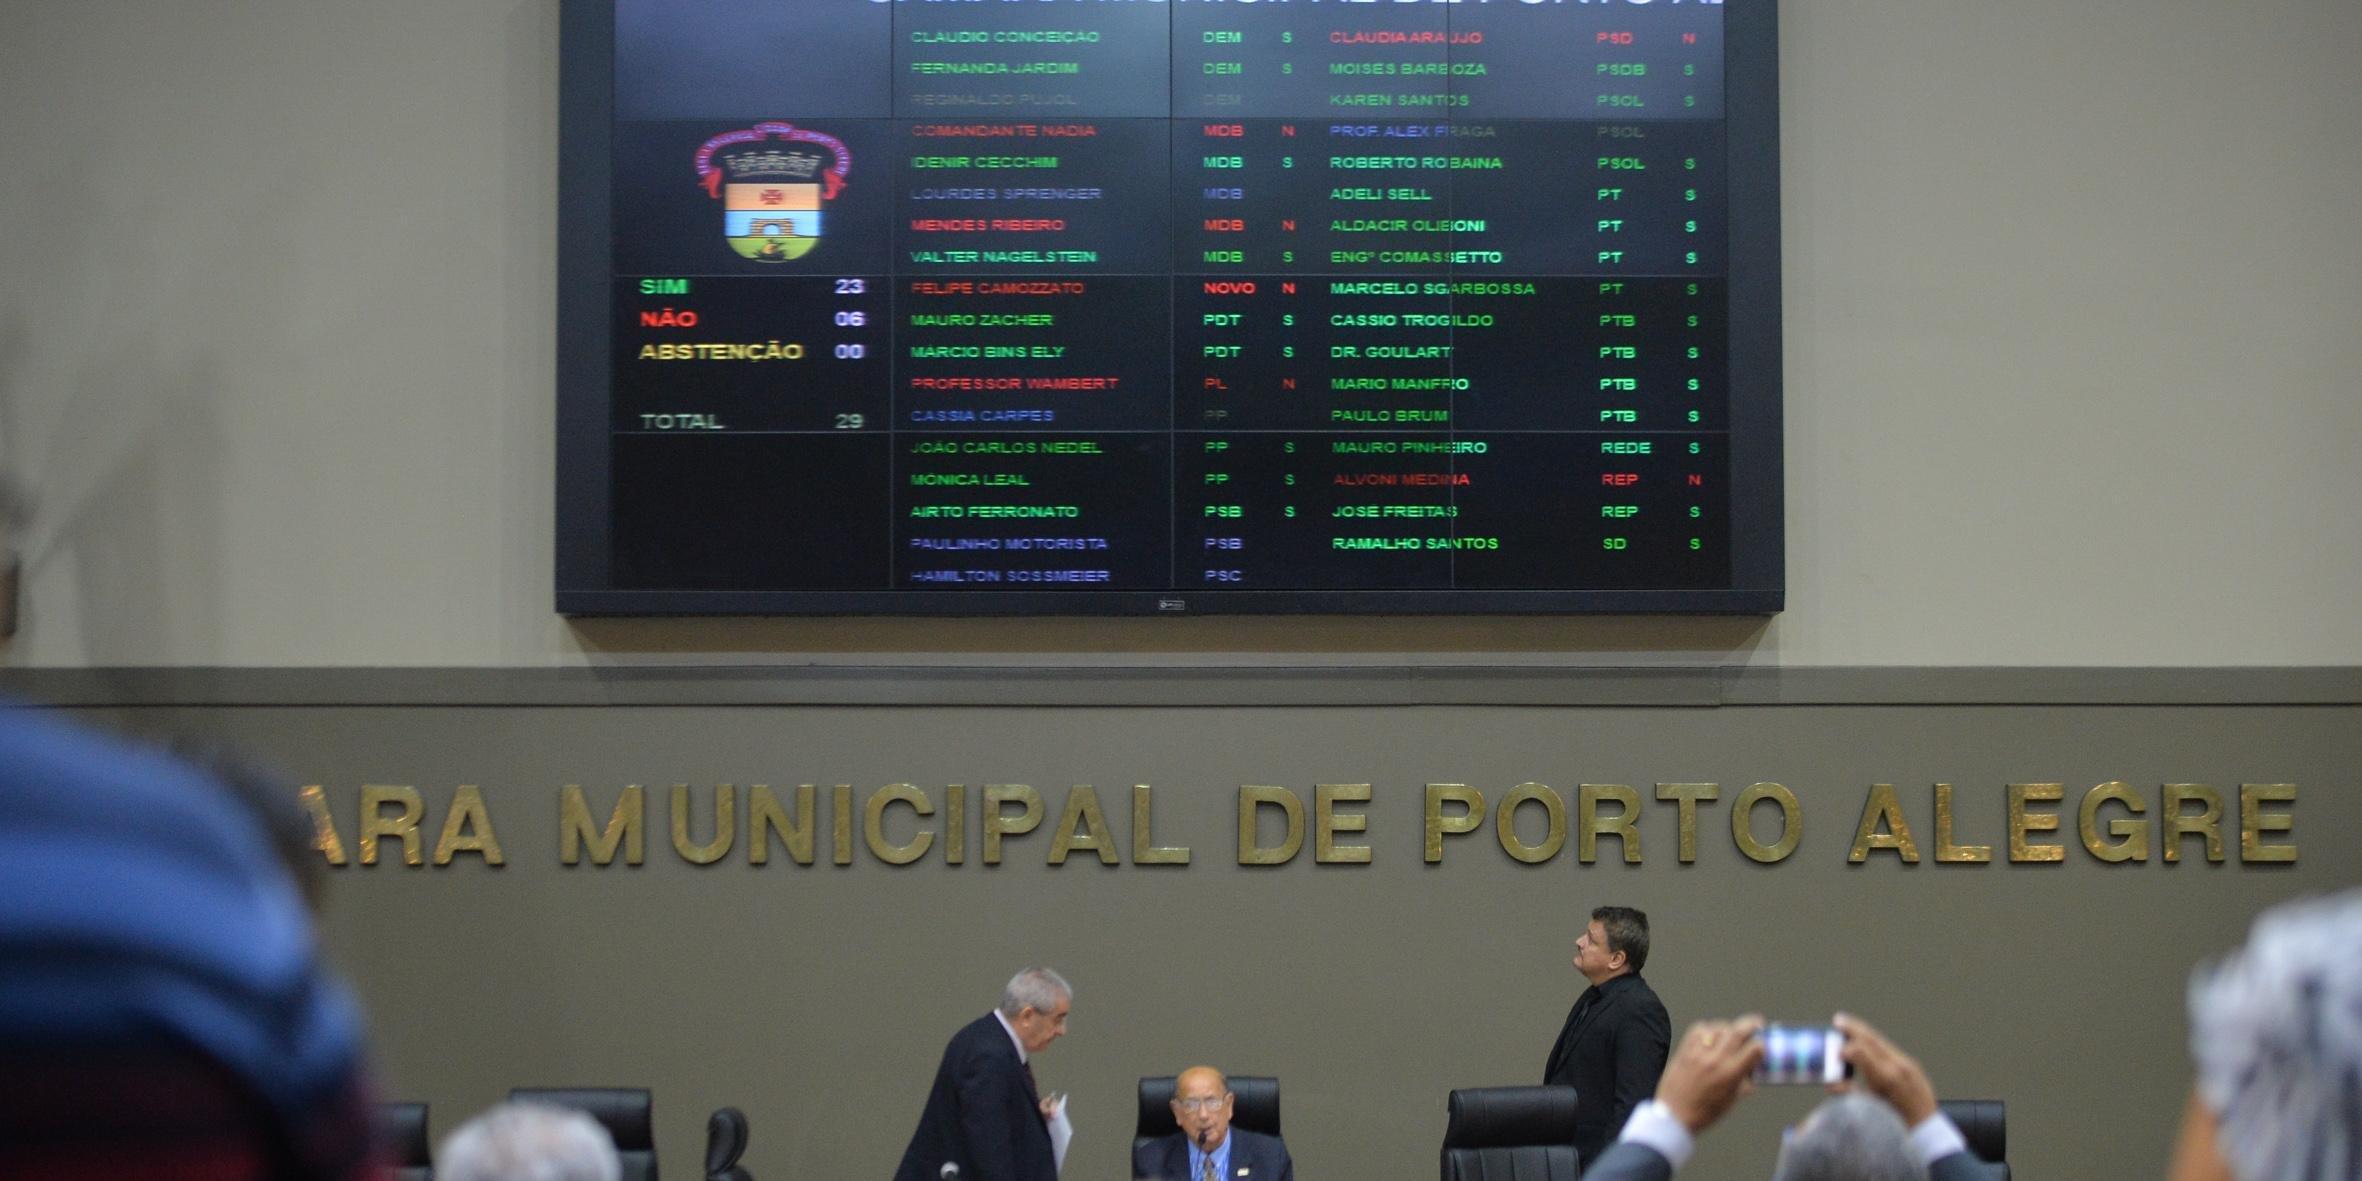 Mais de 800 candidatos disputarão uma vaga para a próxima legislatura da Câmara de Porto Alegre